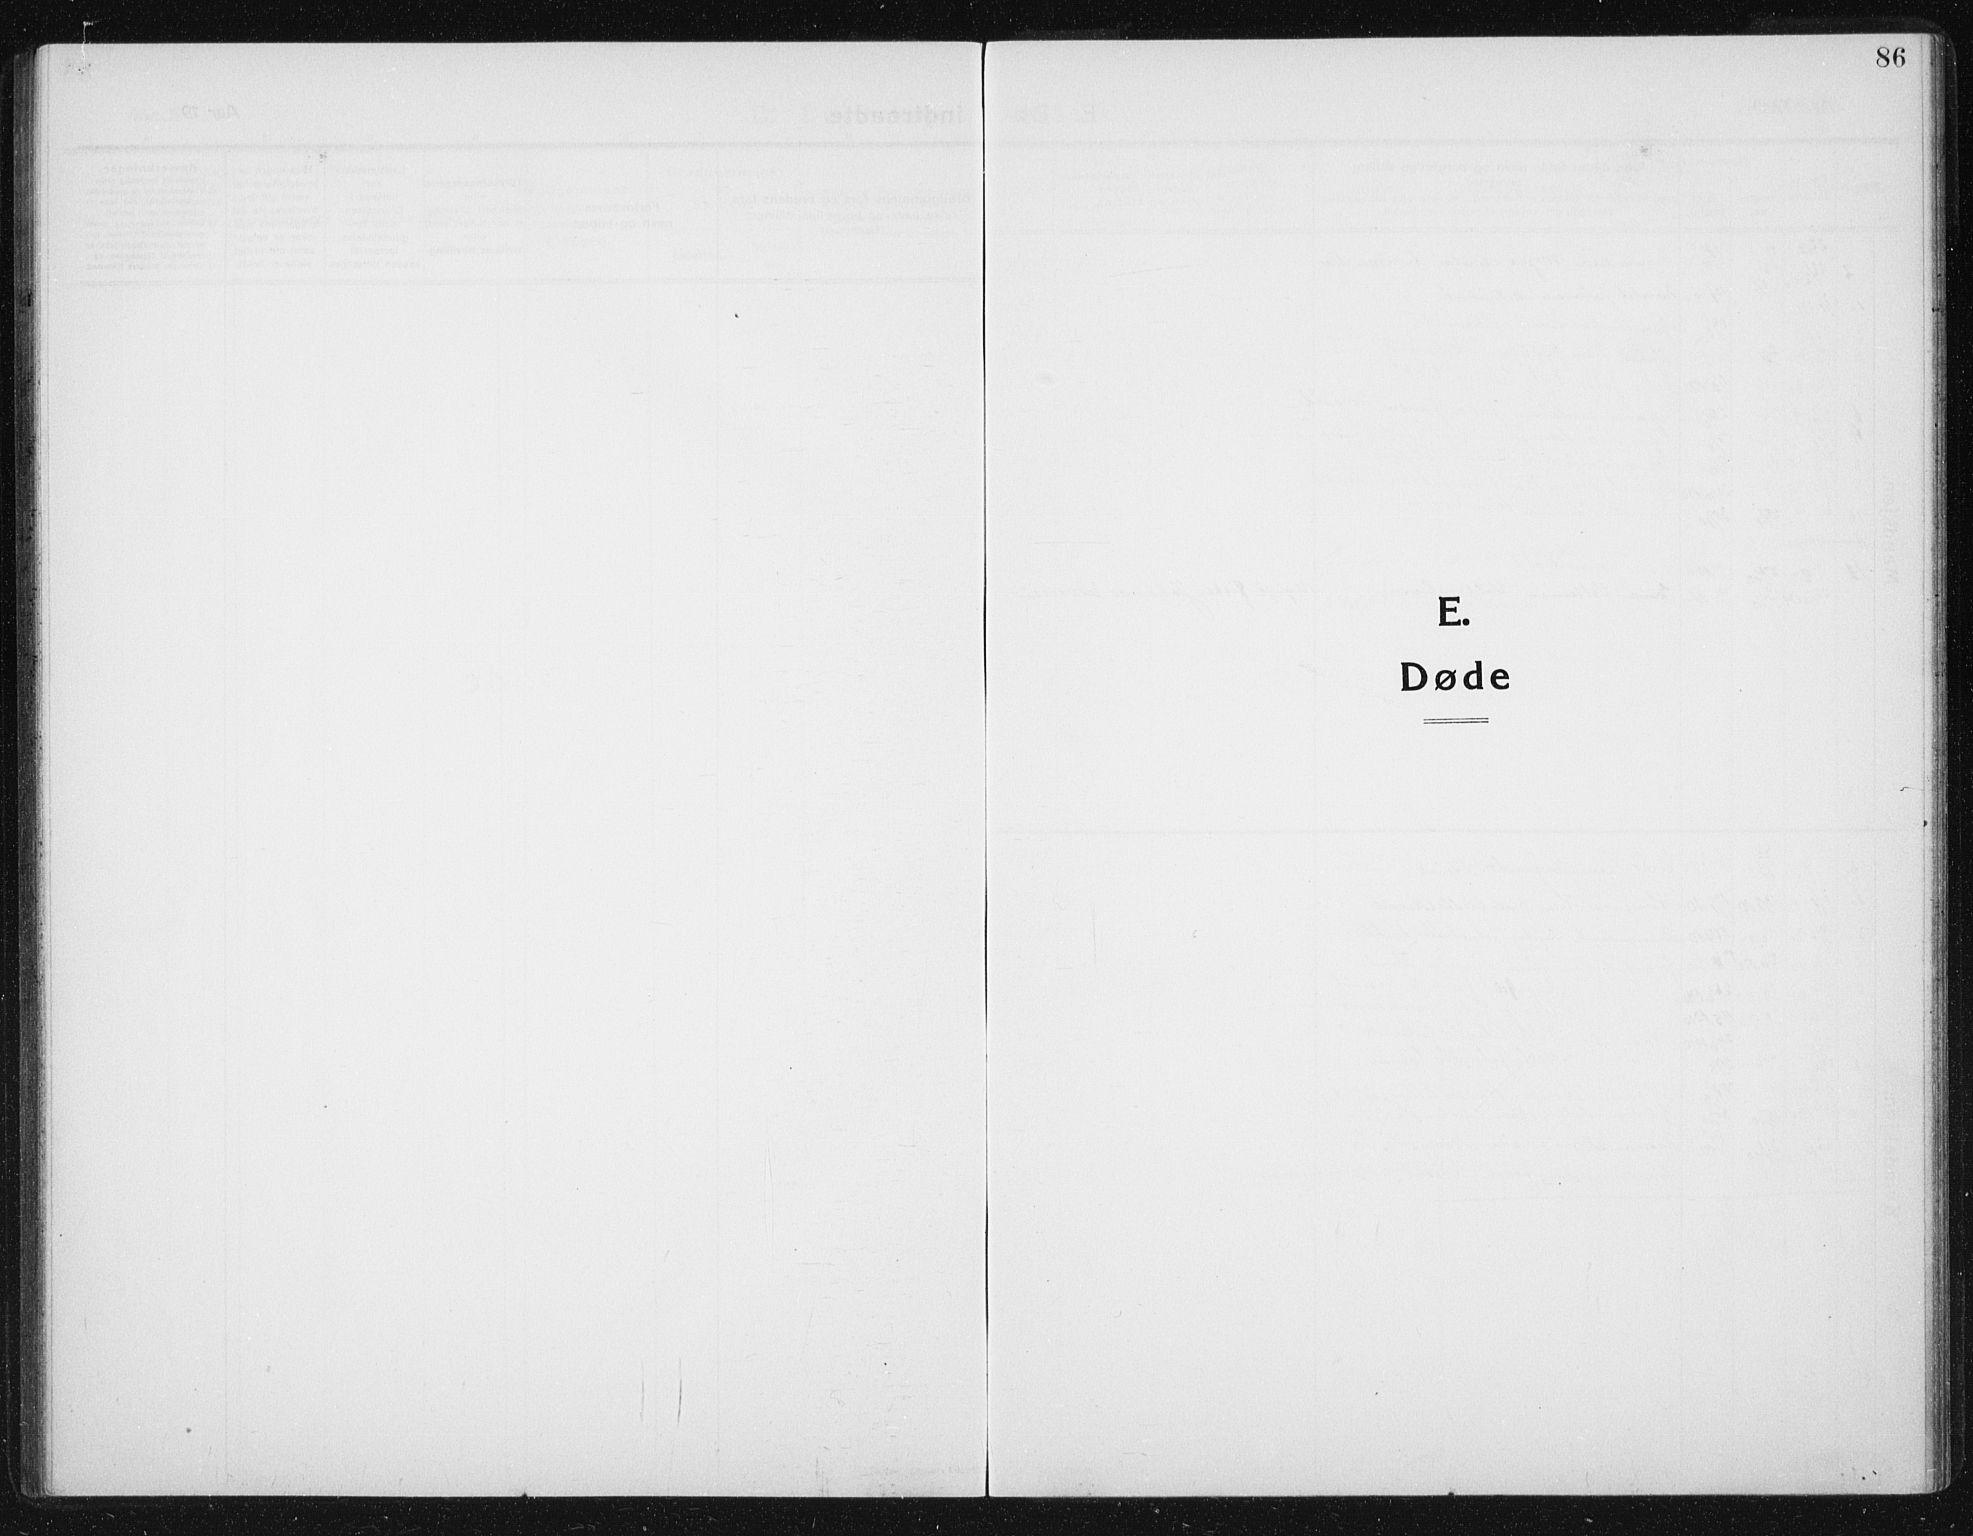 SAT, Ministerialprotokoller, klokkerbøker og fødselsregistre - Sør-Trøndelag, 652/L0654: Klokkerbok nr. 652C02, 1910-1937, s. 86